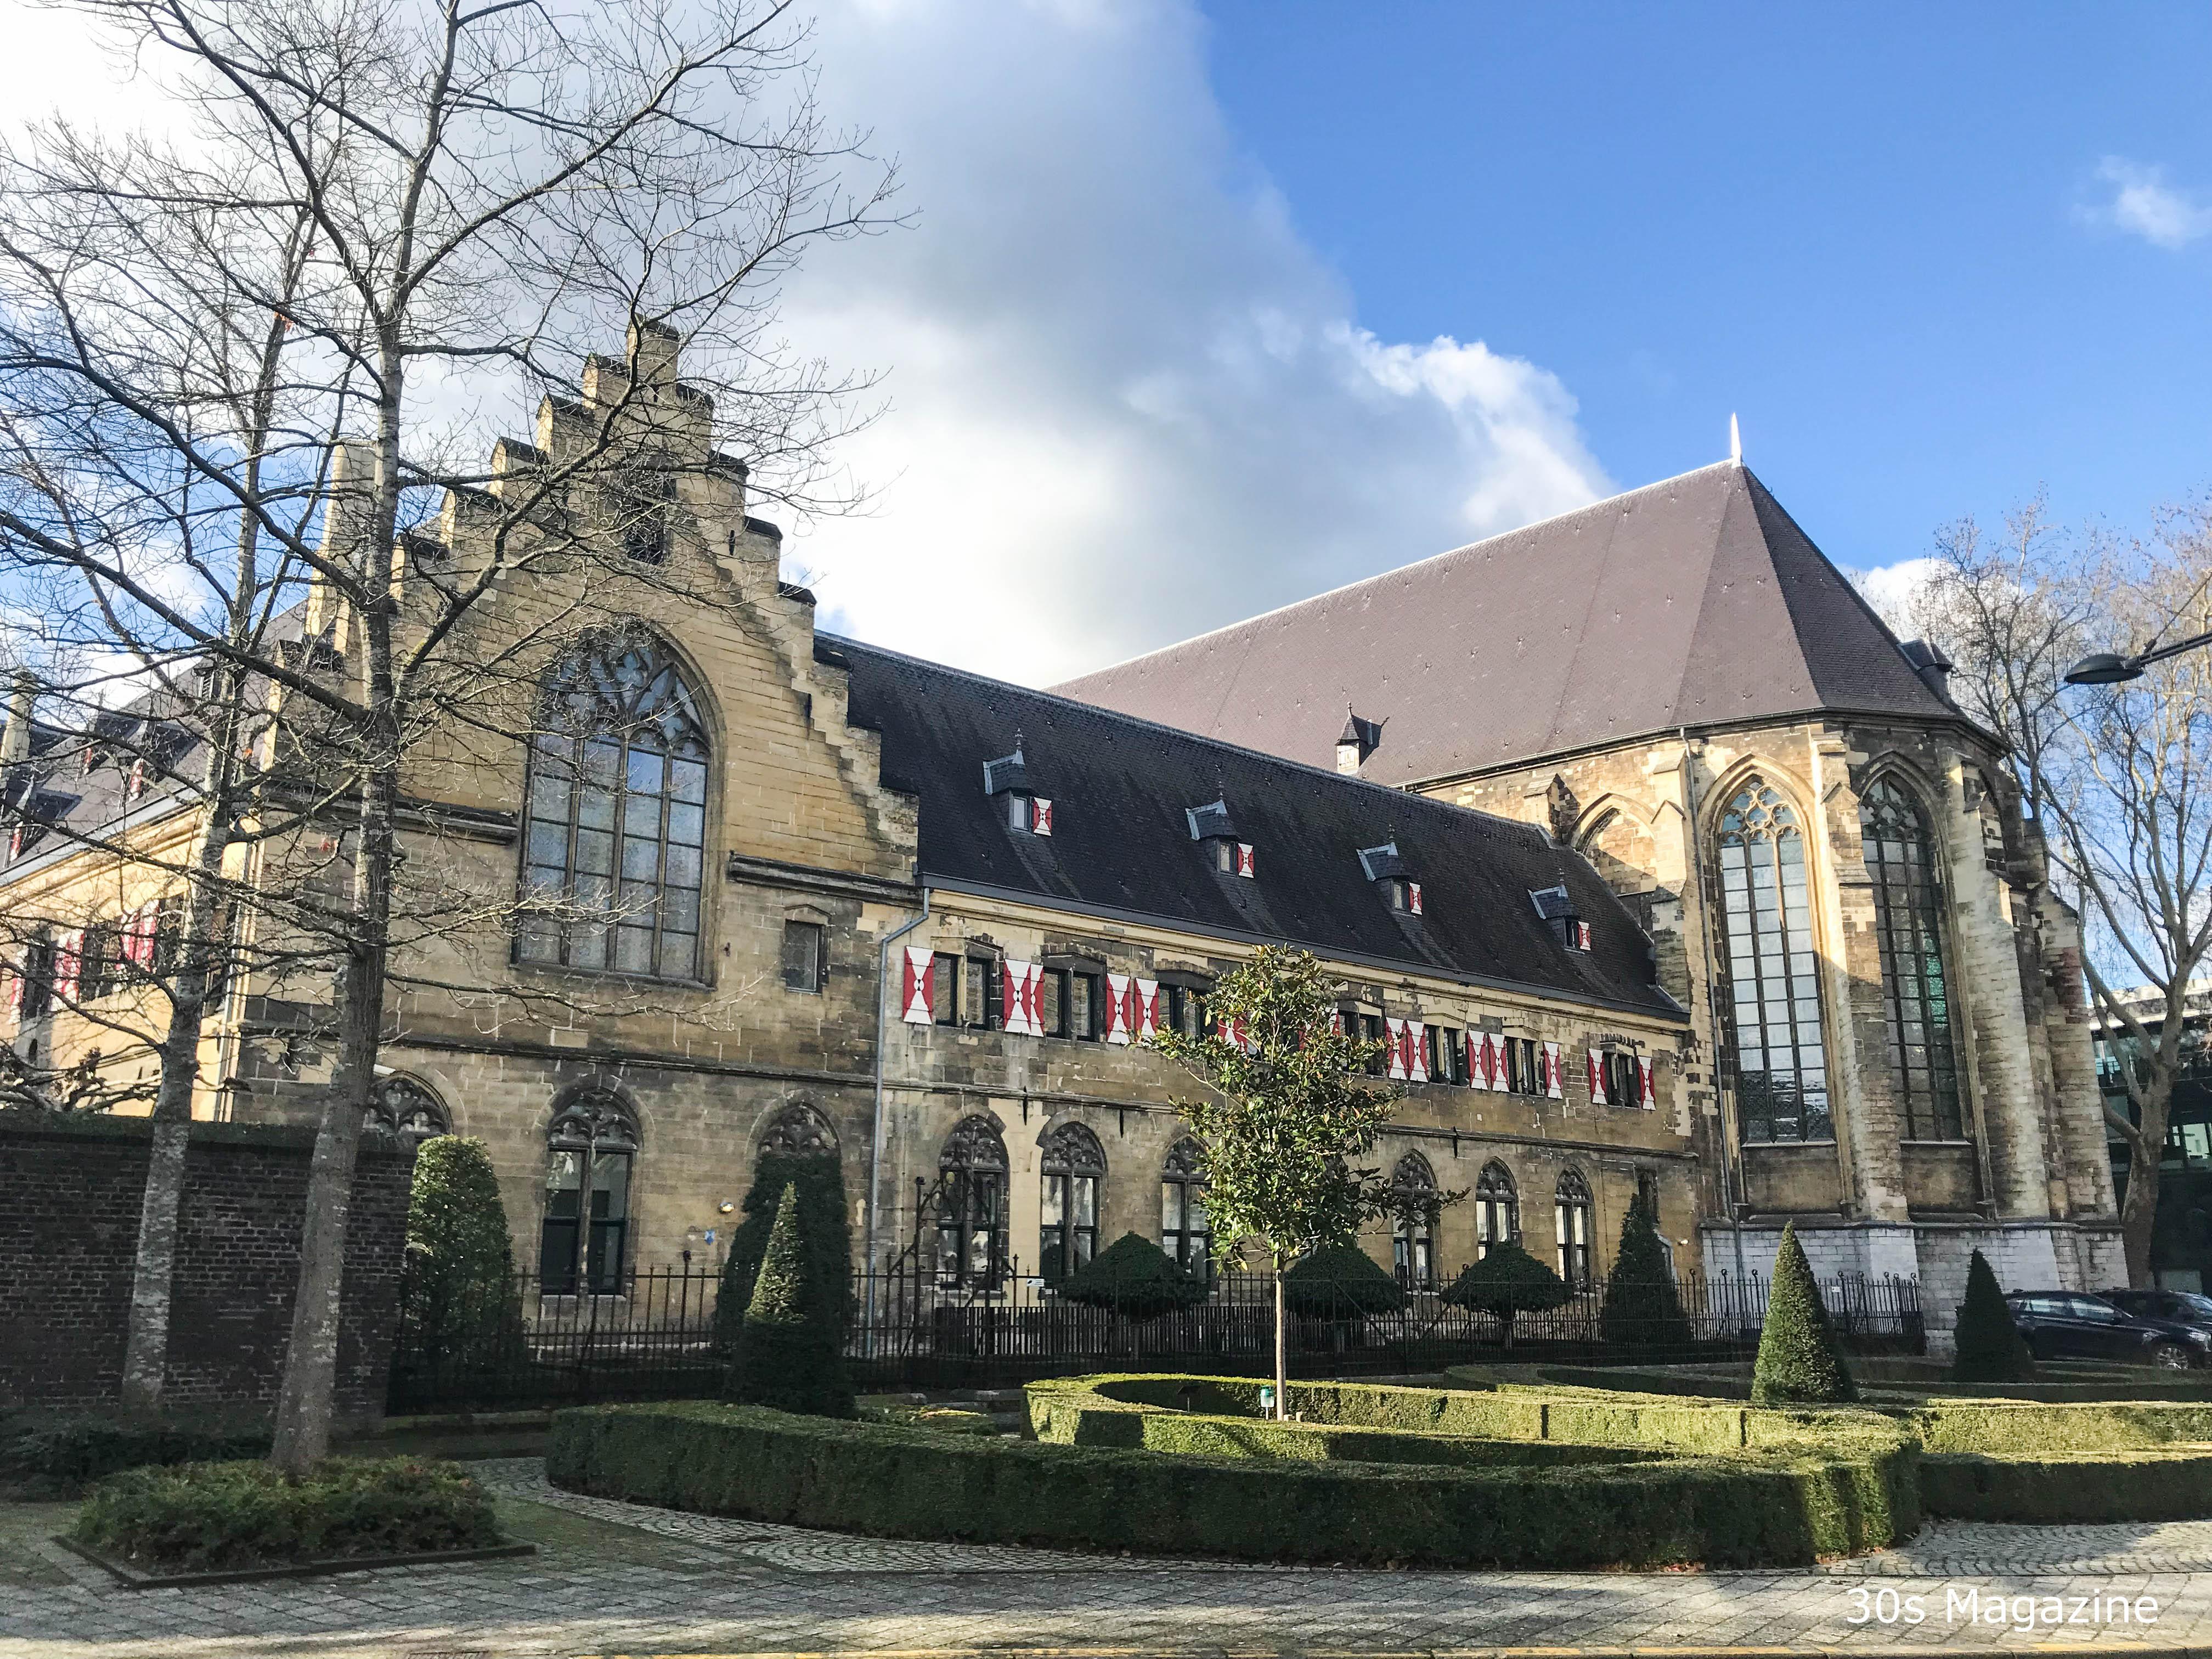 30s Magazine Hotel To Heart Kruisherenhotel Maastricht